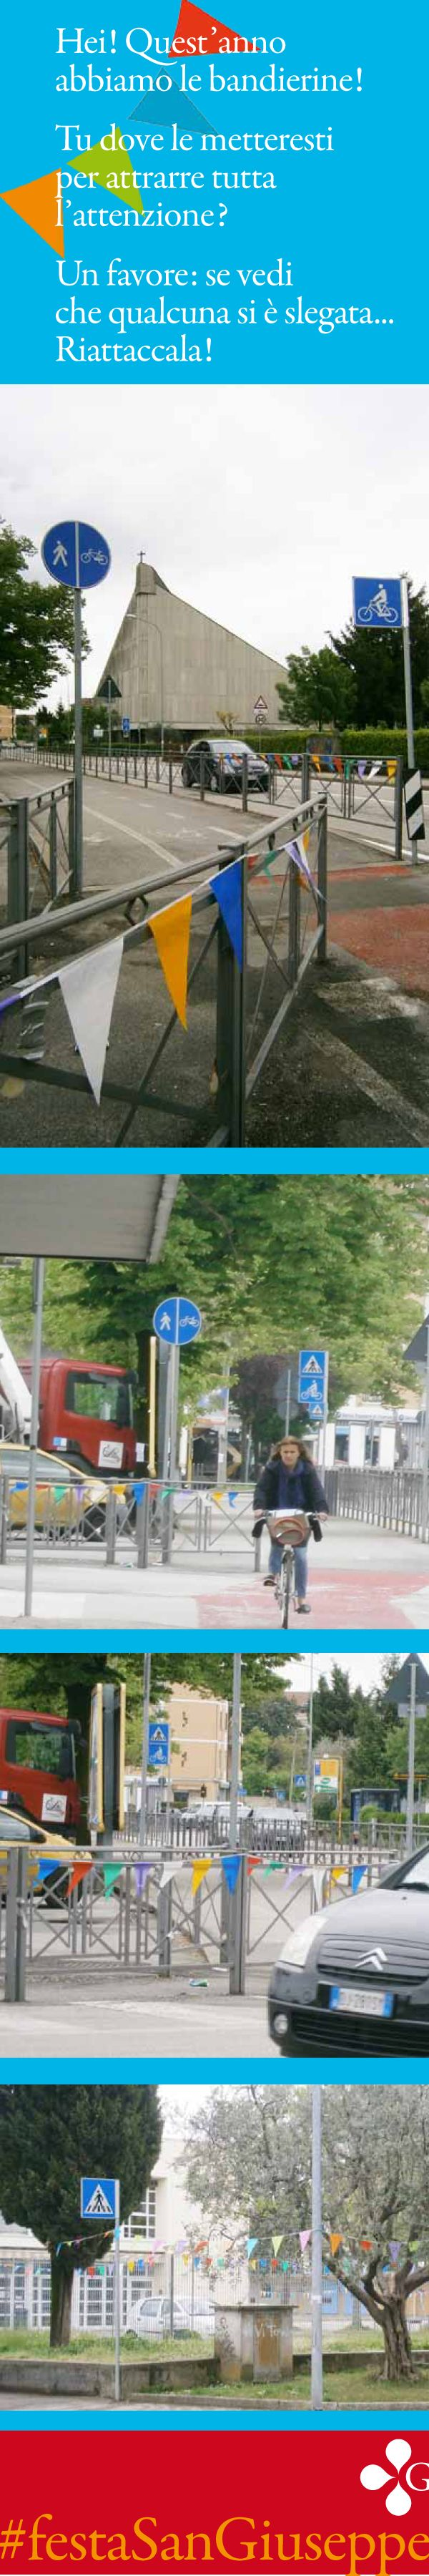 Hei! Quest'anno alla #festaSanGiuseppe di Vicenza, abbiamo le bandierine! Tu dove le metteresti per attrarre tutta l'attenzione? (^L^) Un favore: se vedi che qualcuna si è slegata...Riattaccala!